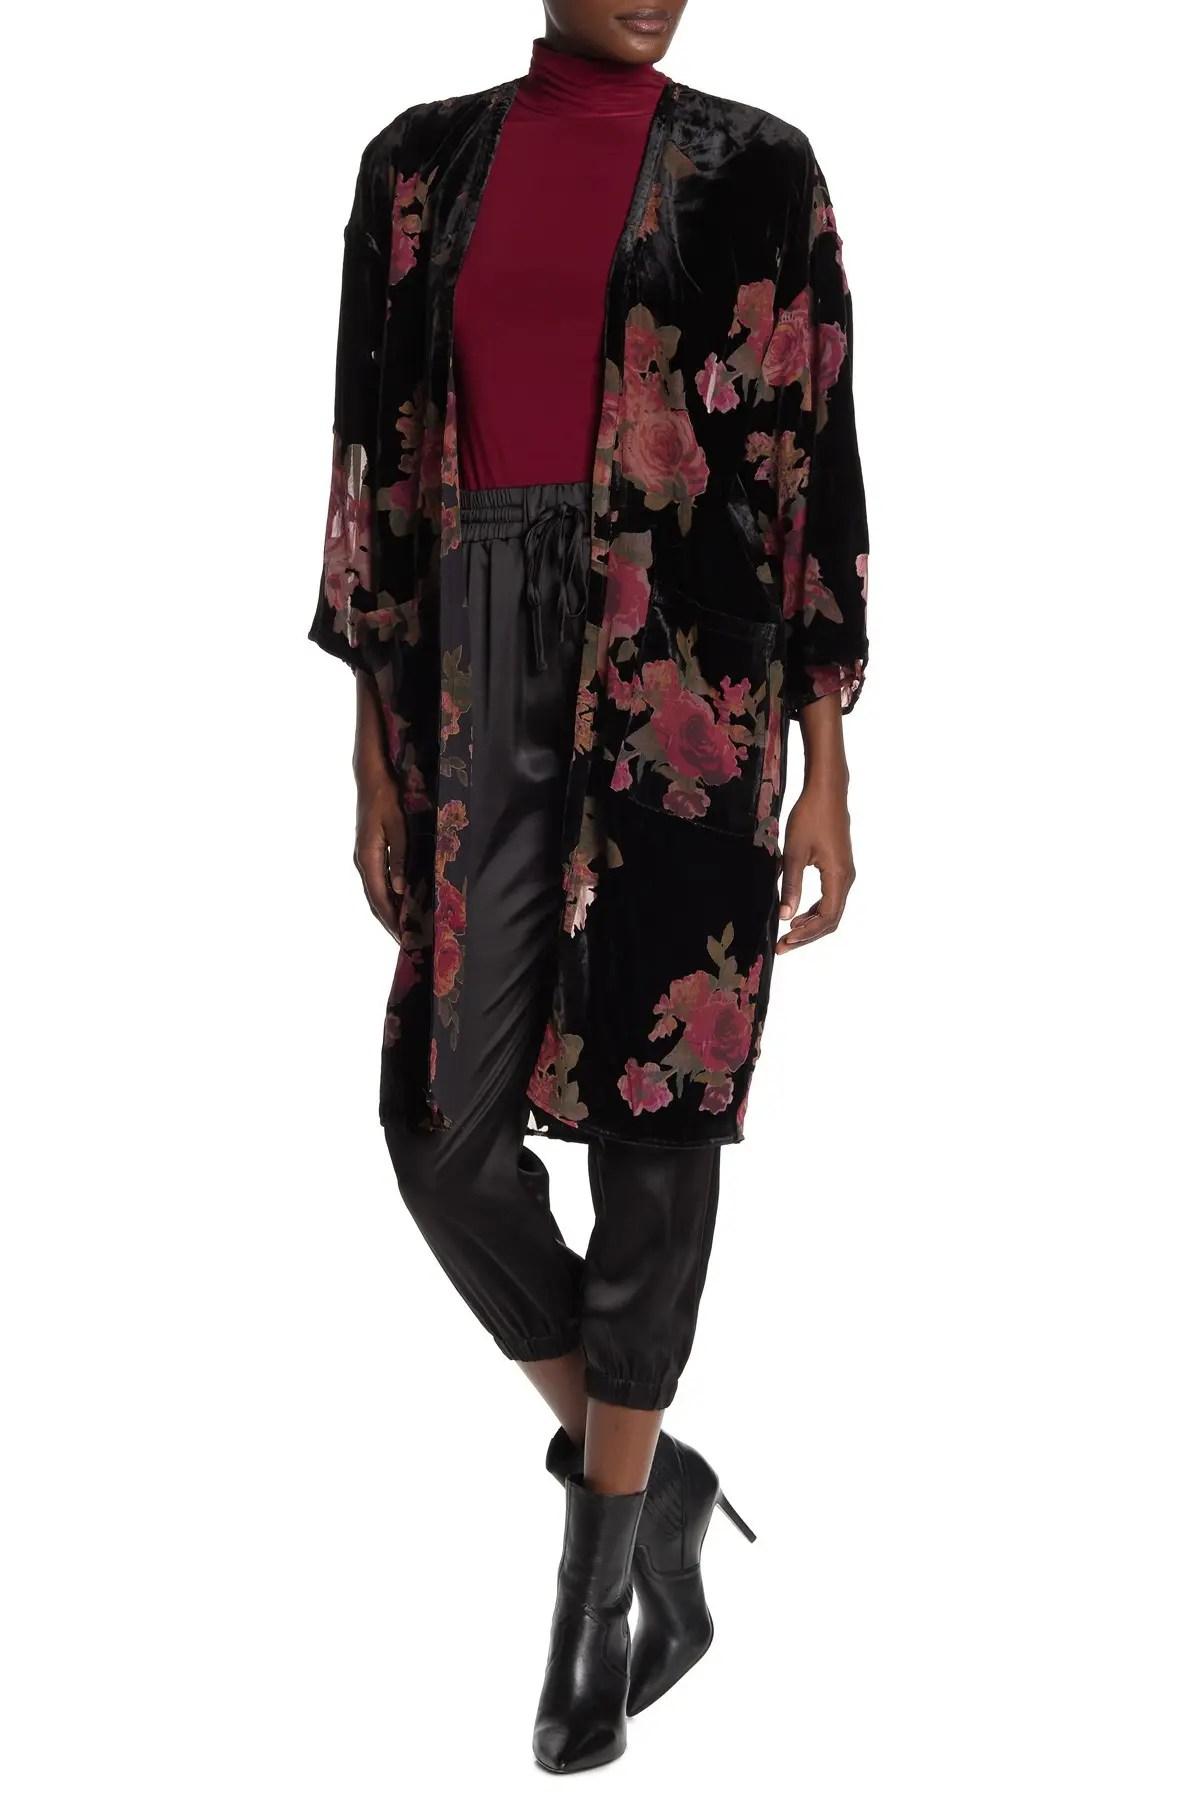 dress forum sunset rose velvet burnout kimono nordstrom rack